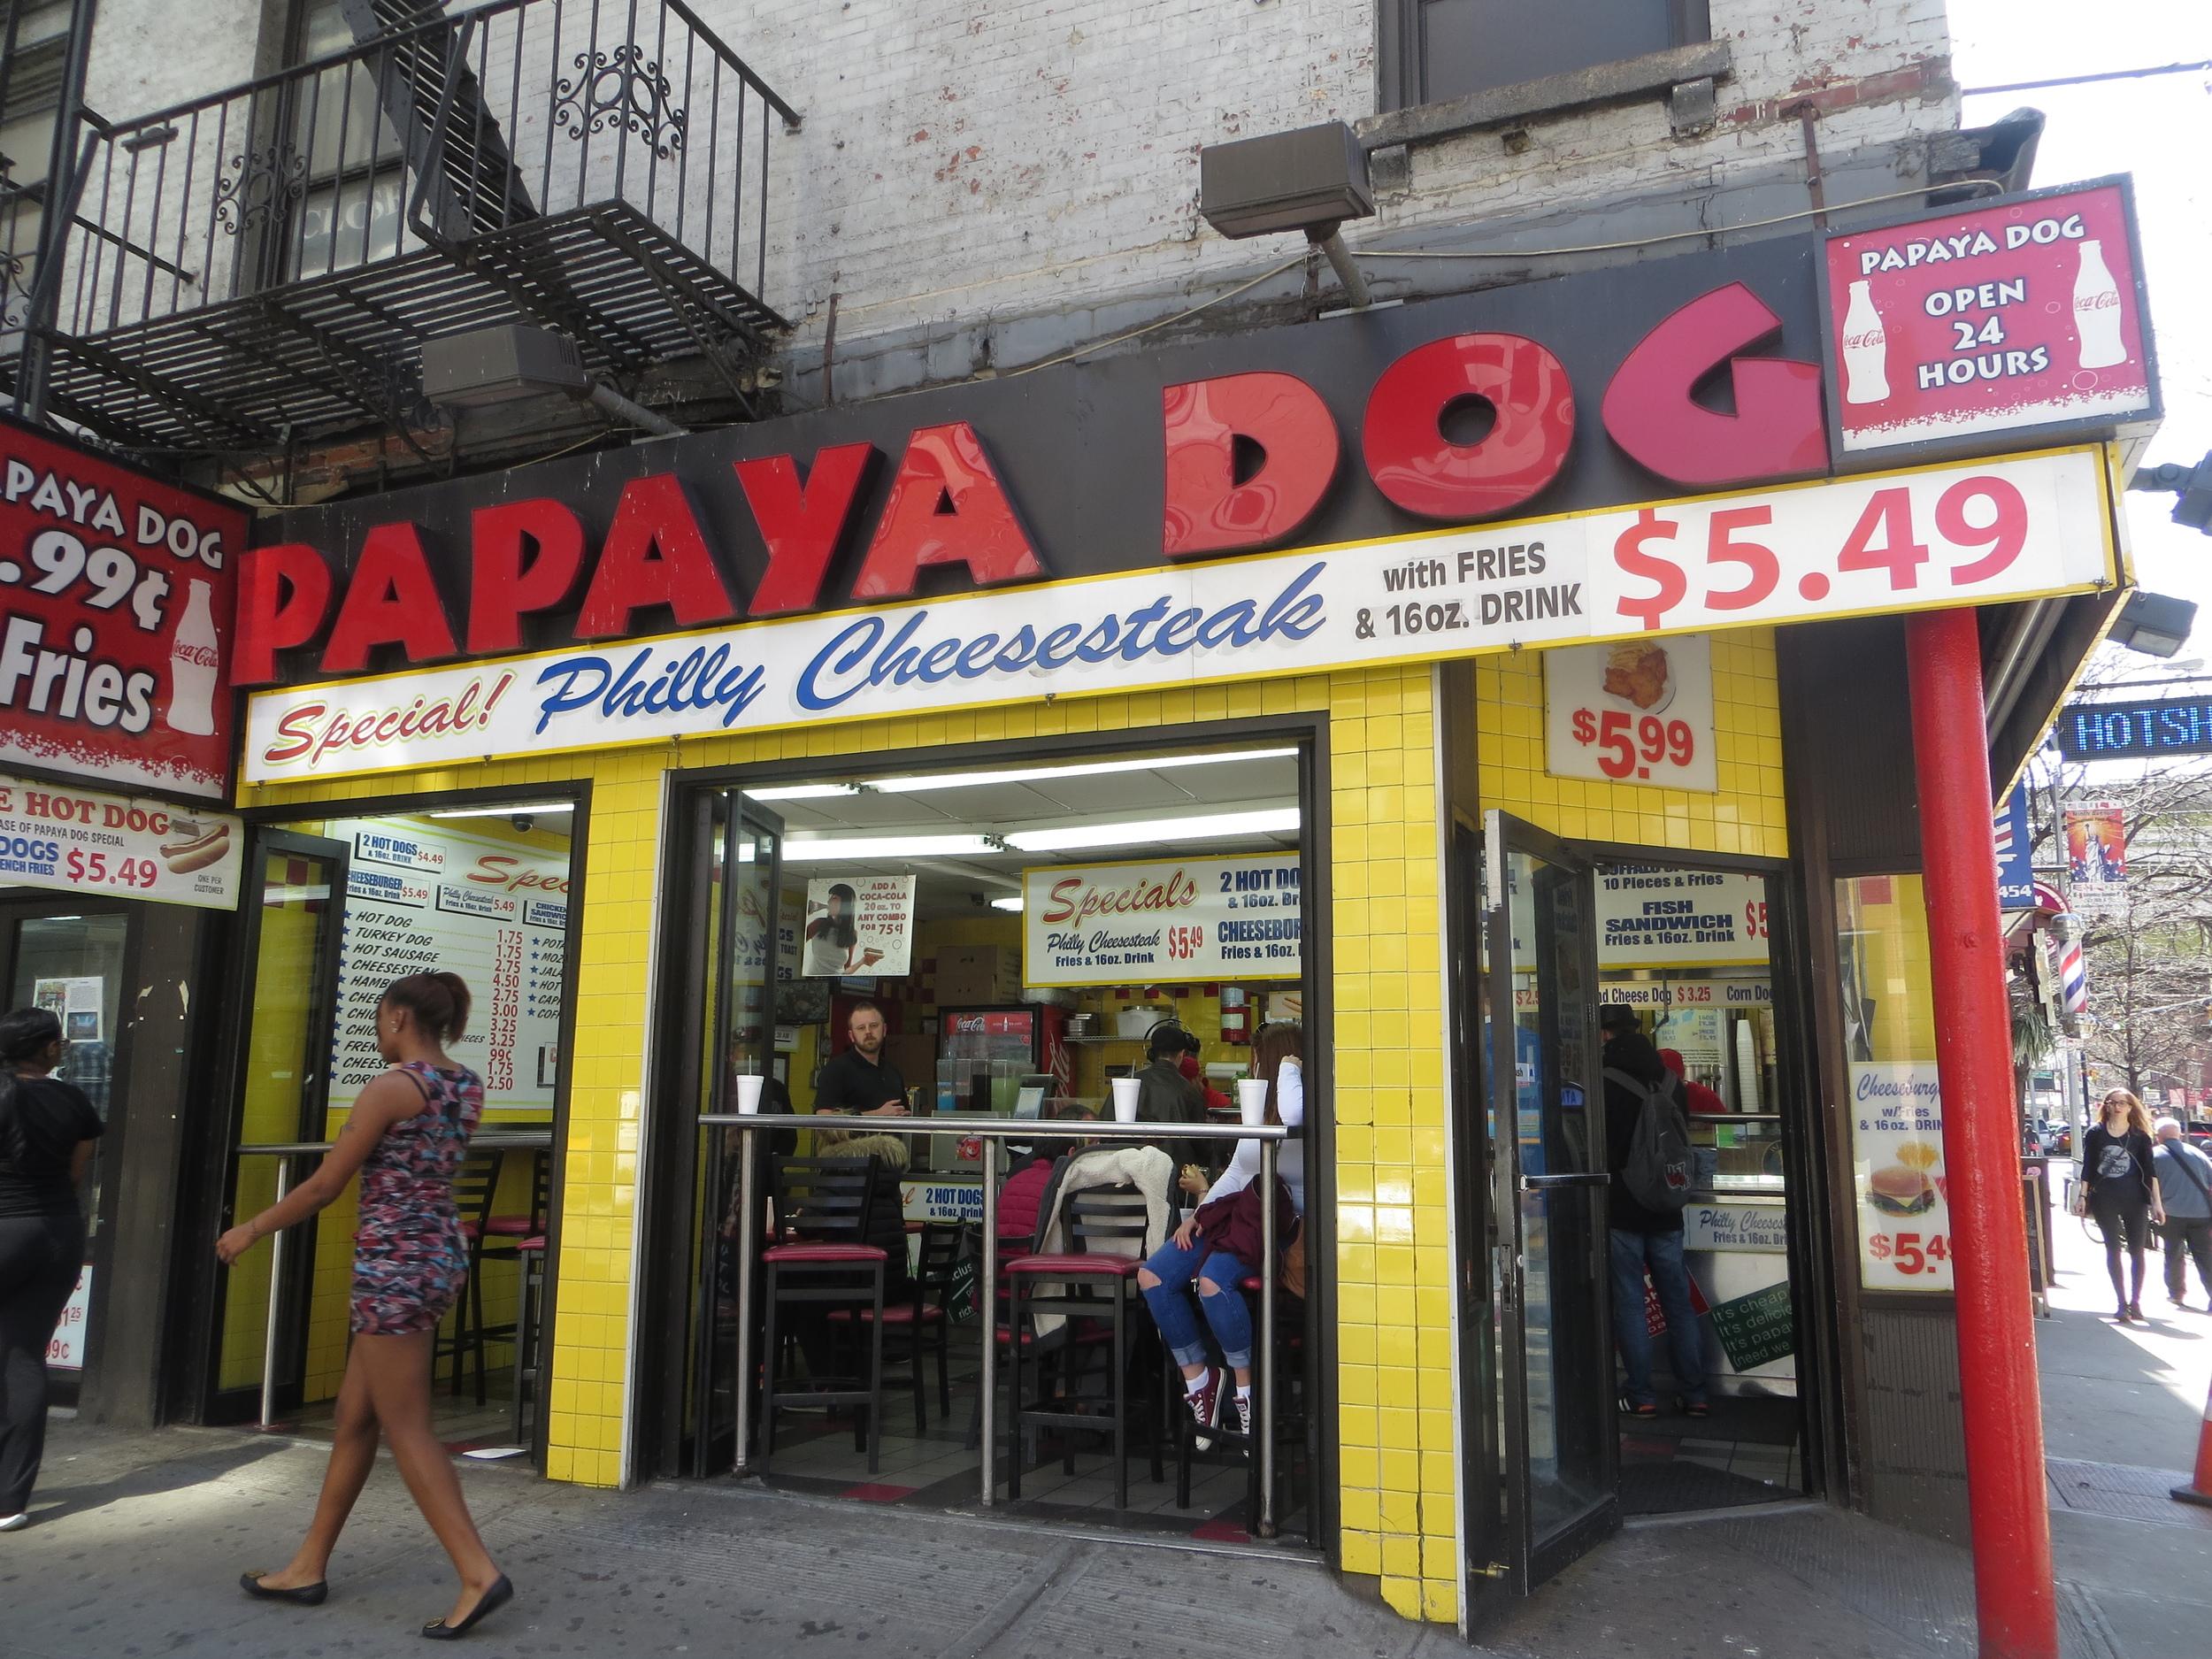 Another Papaya Dog stand